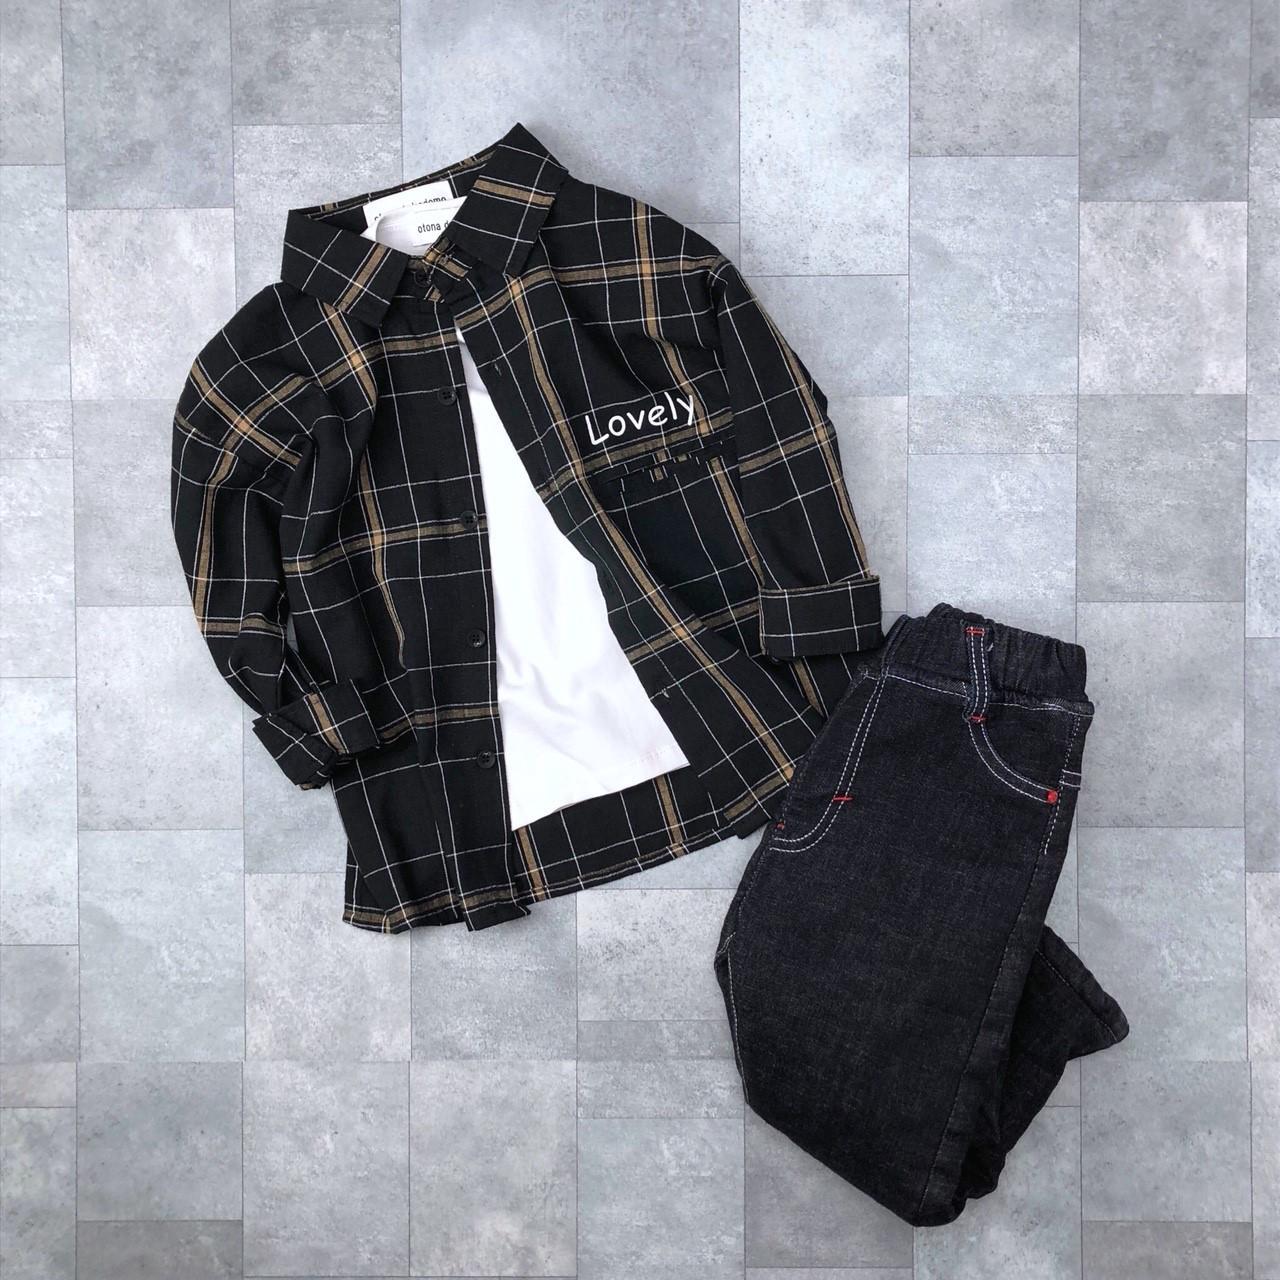 チェックシャツno.1809058 #子供服 #子ども服 #男の子 #女の子 #シャツ